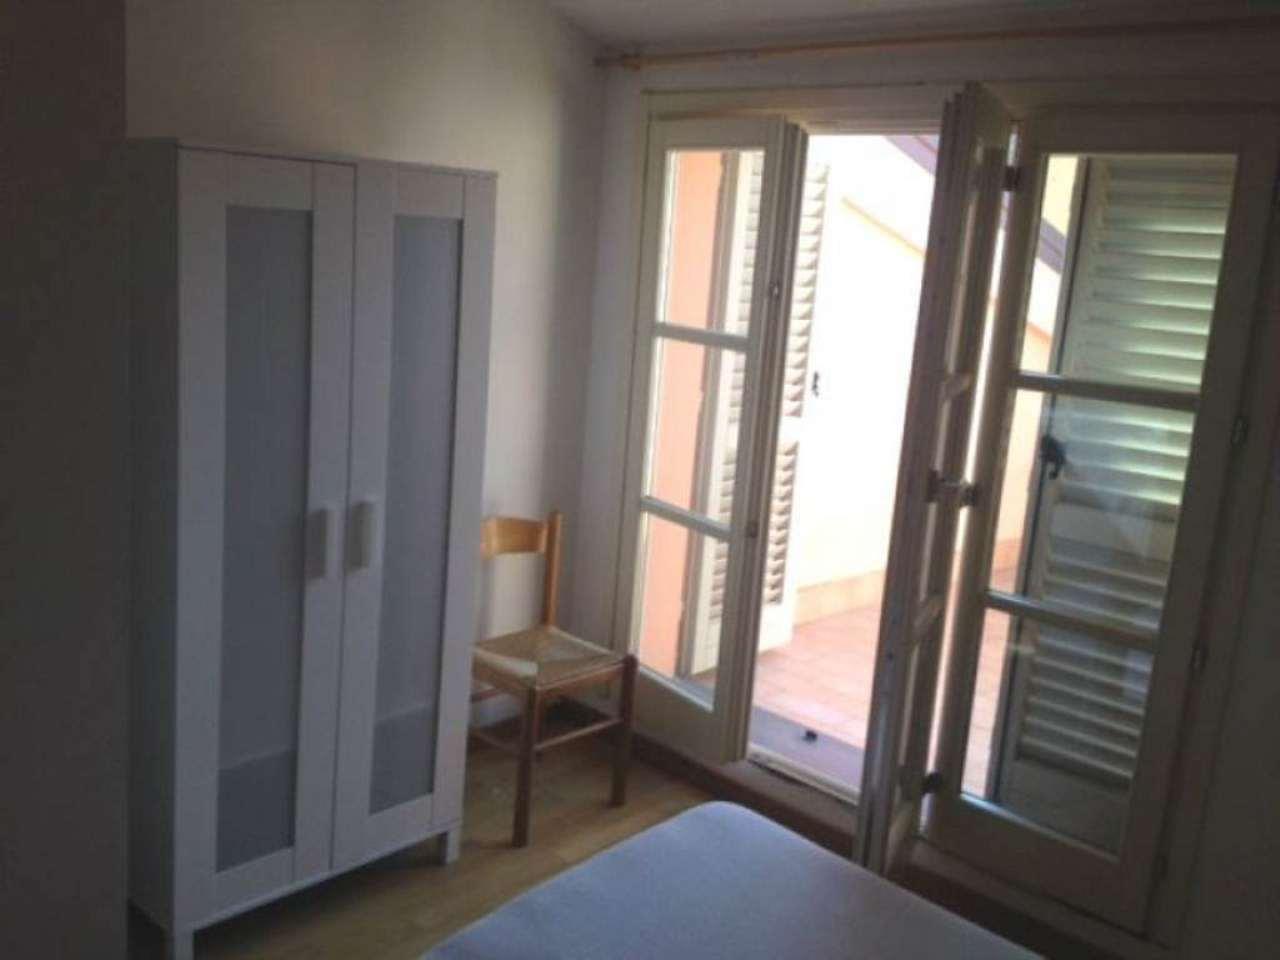 Bilocale Firenze Via Veneziano Angolo Via Dell' Olivuzzo 7